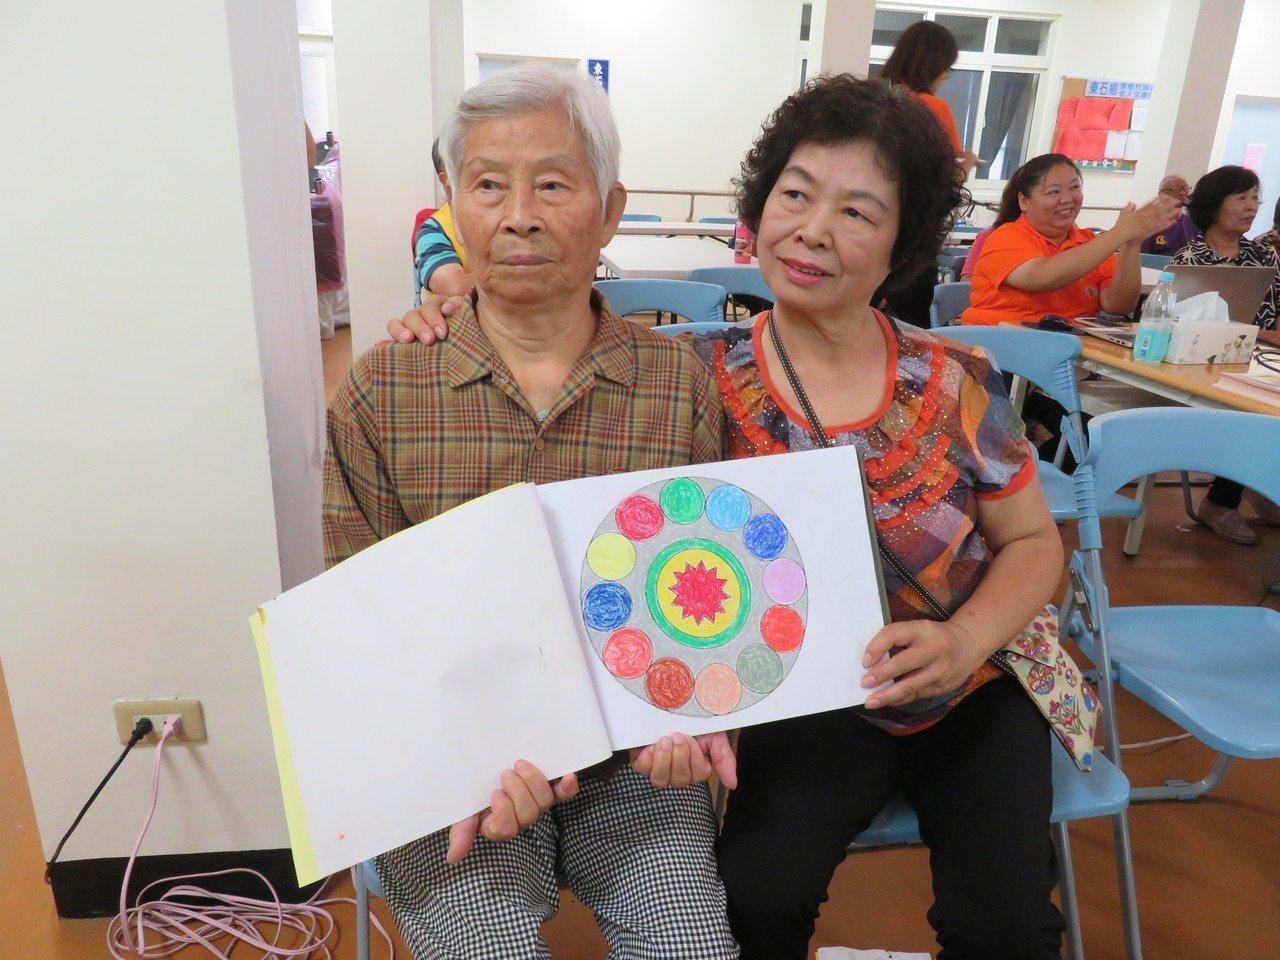 弘道扶助的1戶雙重身障家庭出席分享,住外地62歲女兒林喜珠(右)回家照顧85歲失...